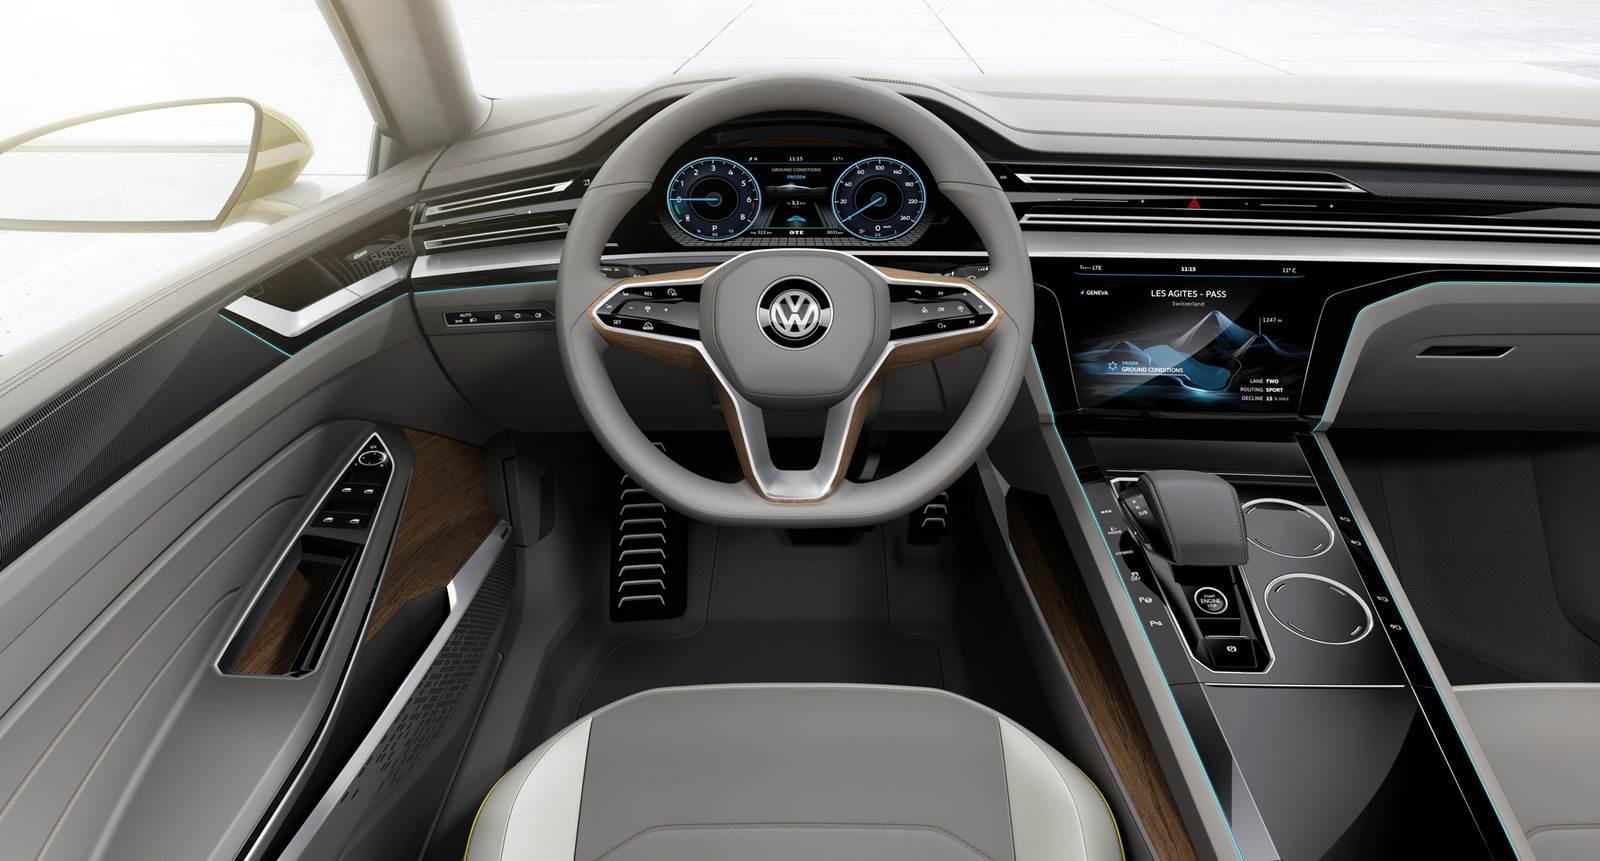 VW Sport Coupe Concept GTE - painel